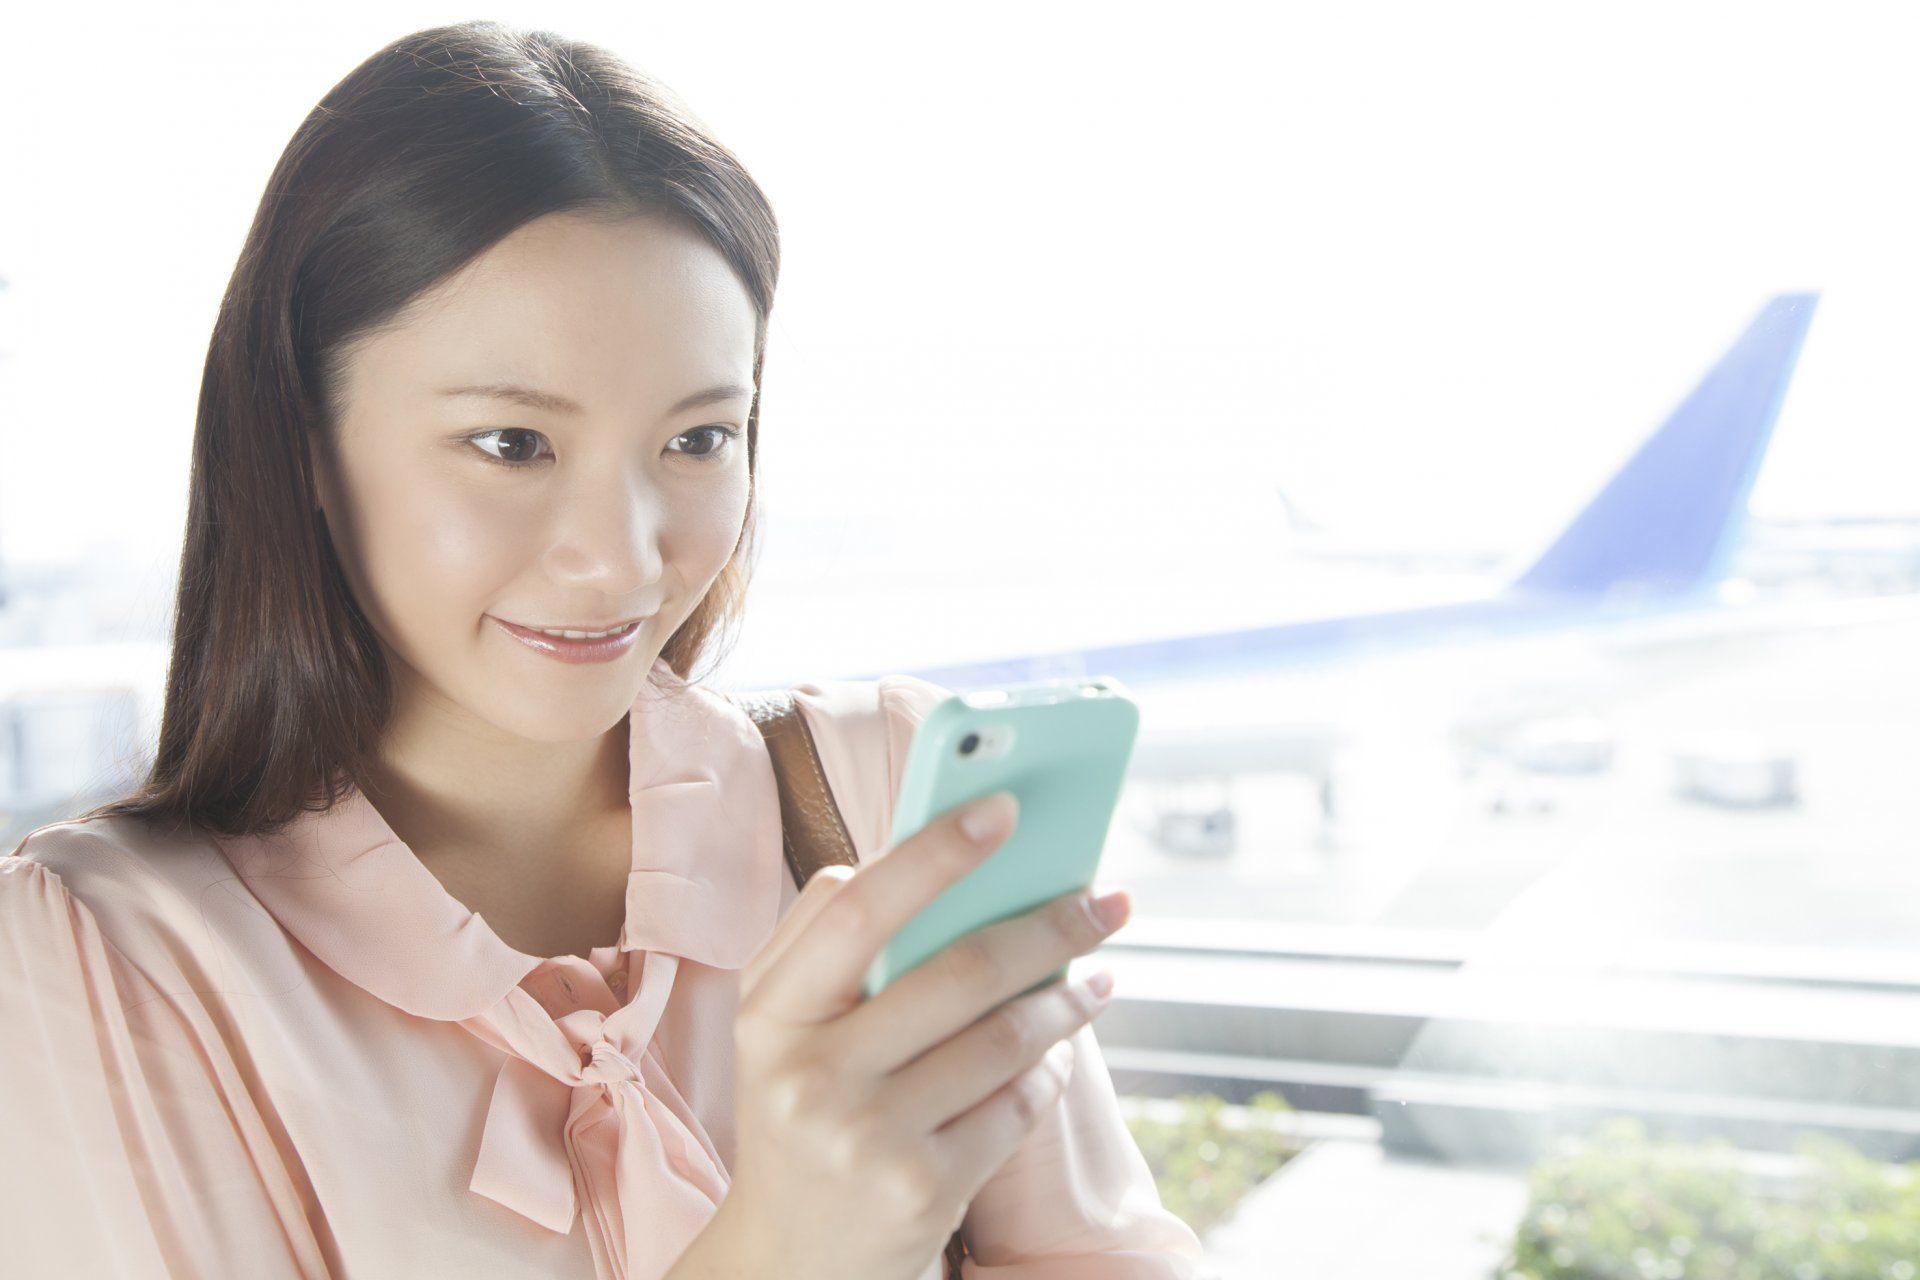 使用智慧型手机的女性